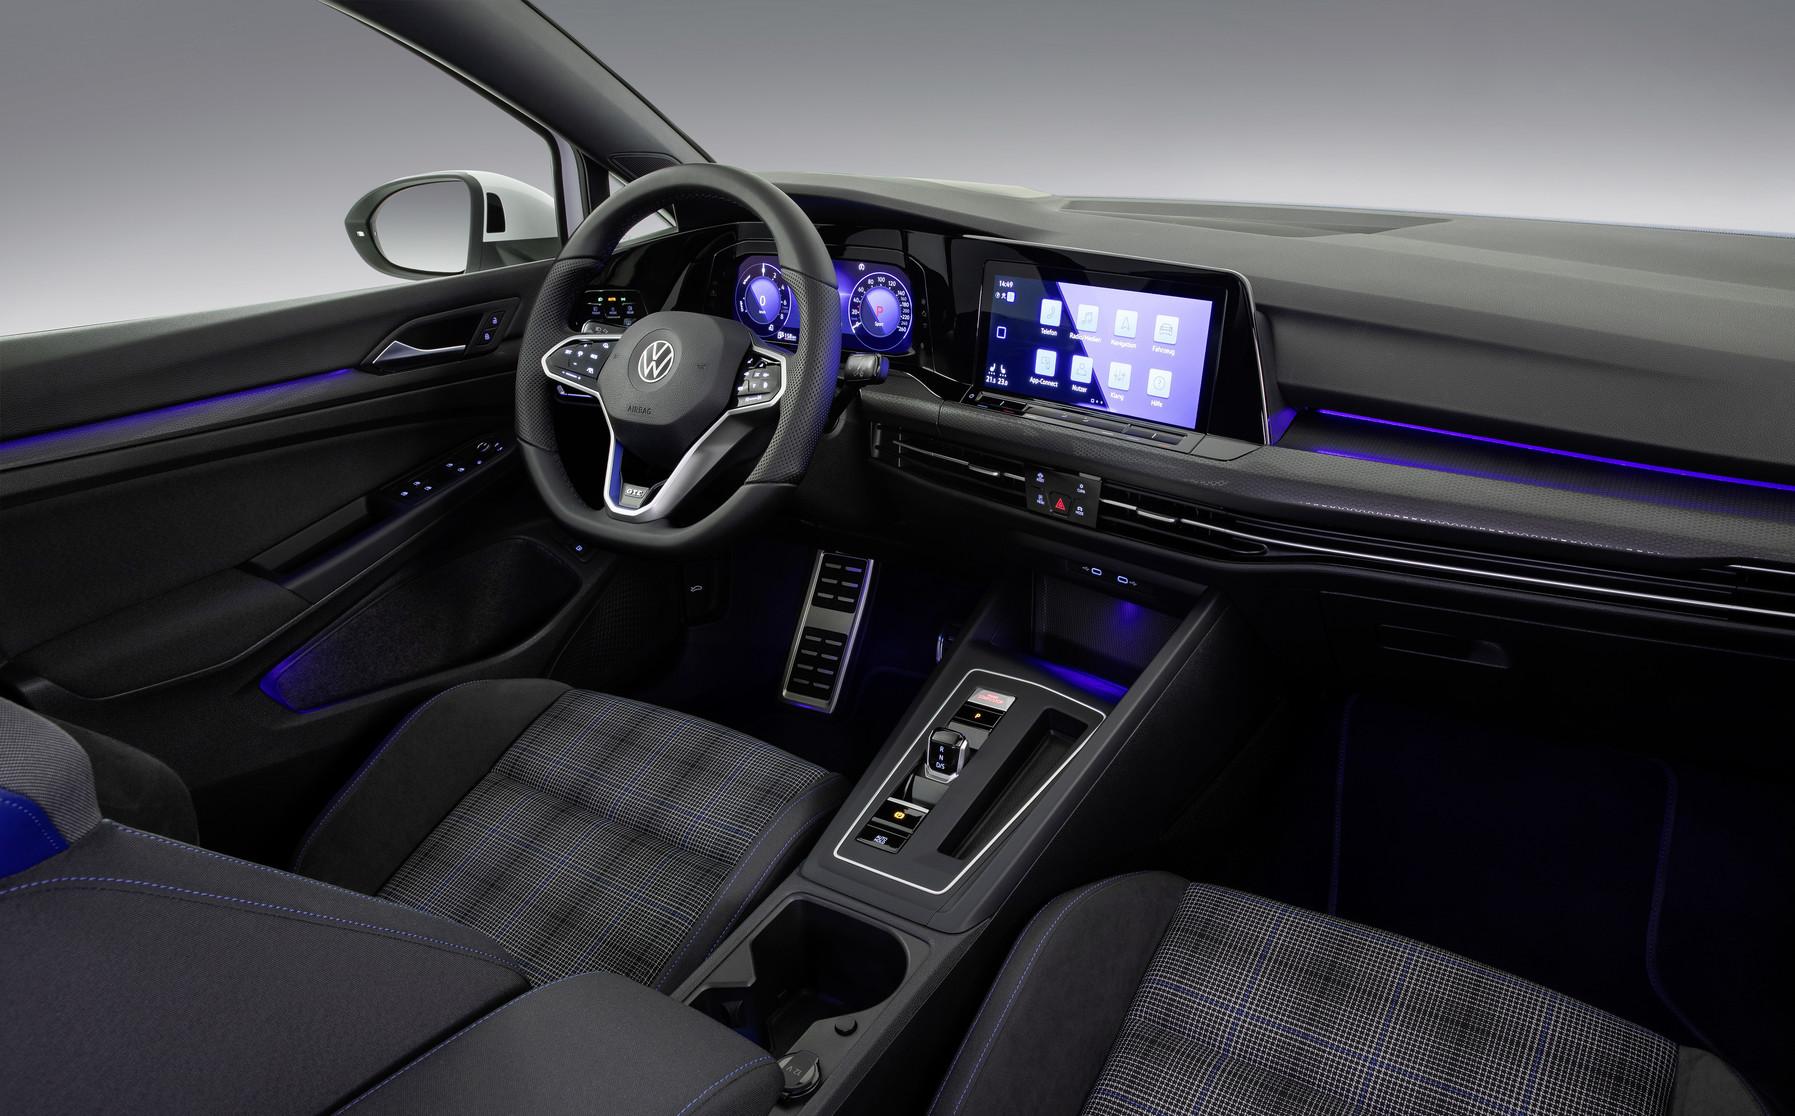 Mk8 Volkswagen Golf GTE Interior